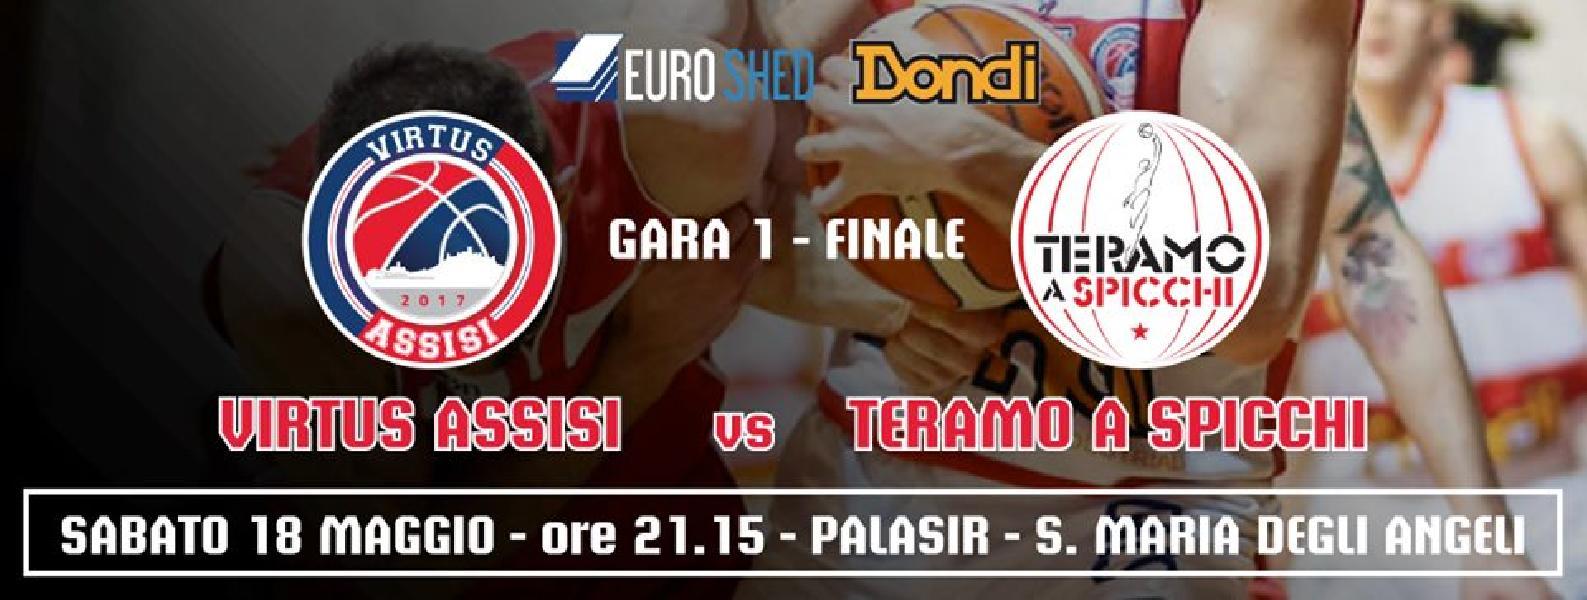 https://www.basketmarche.it/immagini_articoli/15-05-2019/serie-silver-finals-date-ufficiali-serie-virtus-assisi-teramo-spicchi-600.jpg